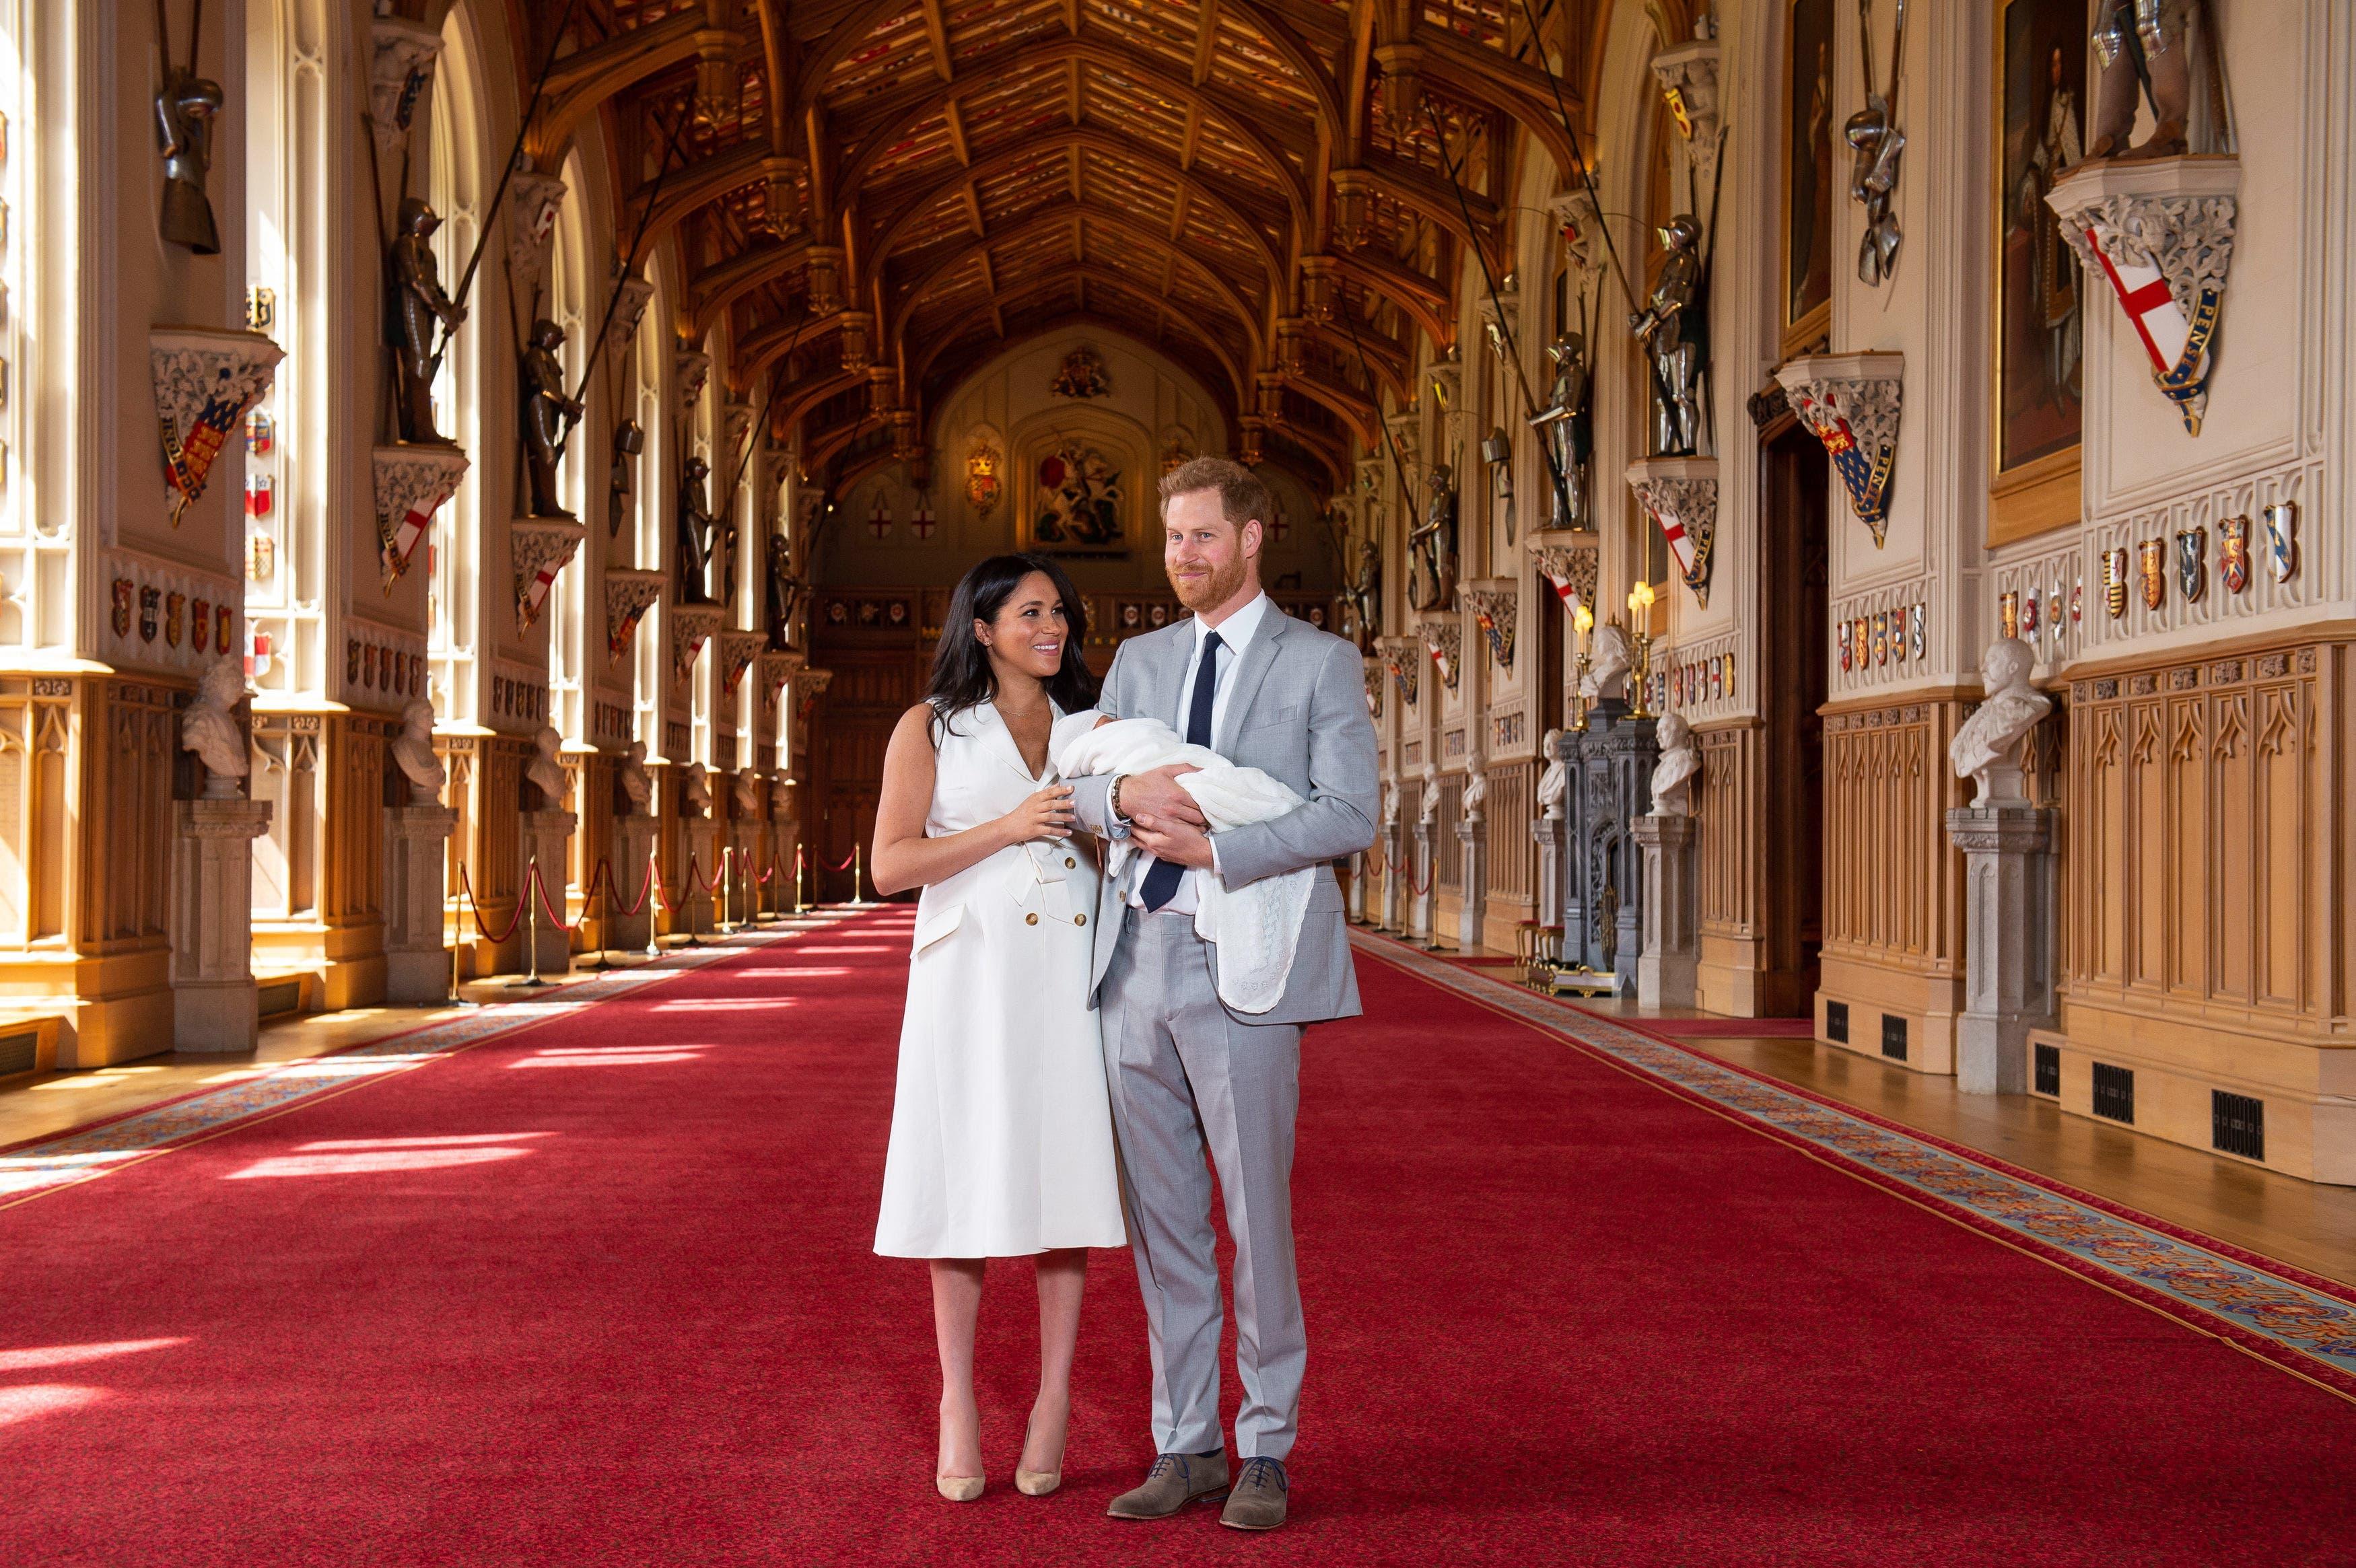 Prinz Harry (rechts) und die Herzogin von Sussex Meghan, zeigen ihr Baby zum ersten Mal der Öffentlichkeit. (Bild: EPA/Domic Lipinski, Windsor, 8. Mai 2019)